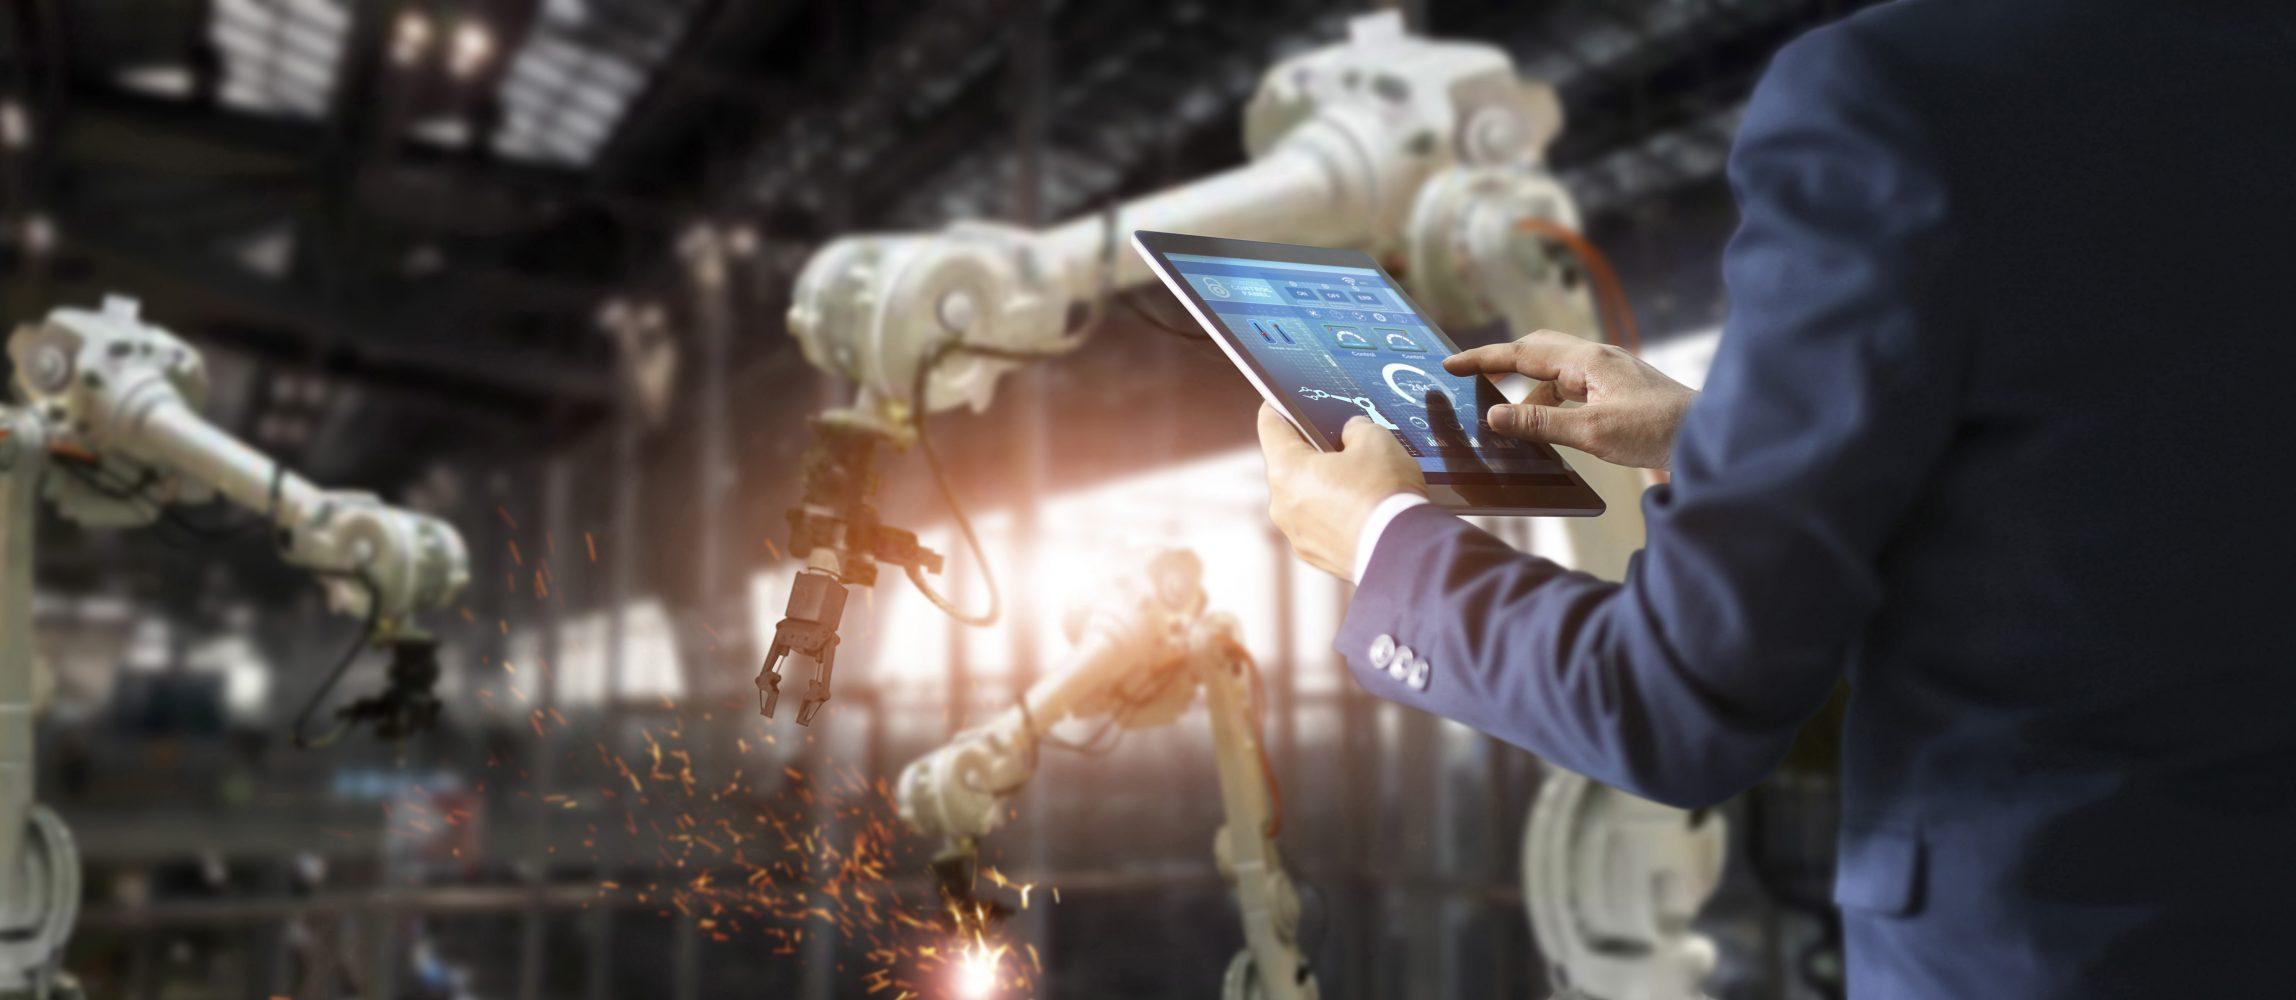 IT-Management per Dashboard -Blick in eine 'Smart Factory' (Bild: ©ipopba/gettyimages.de)